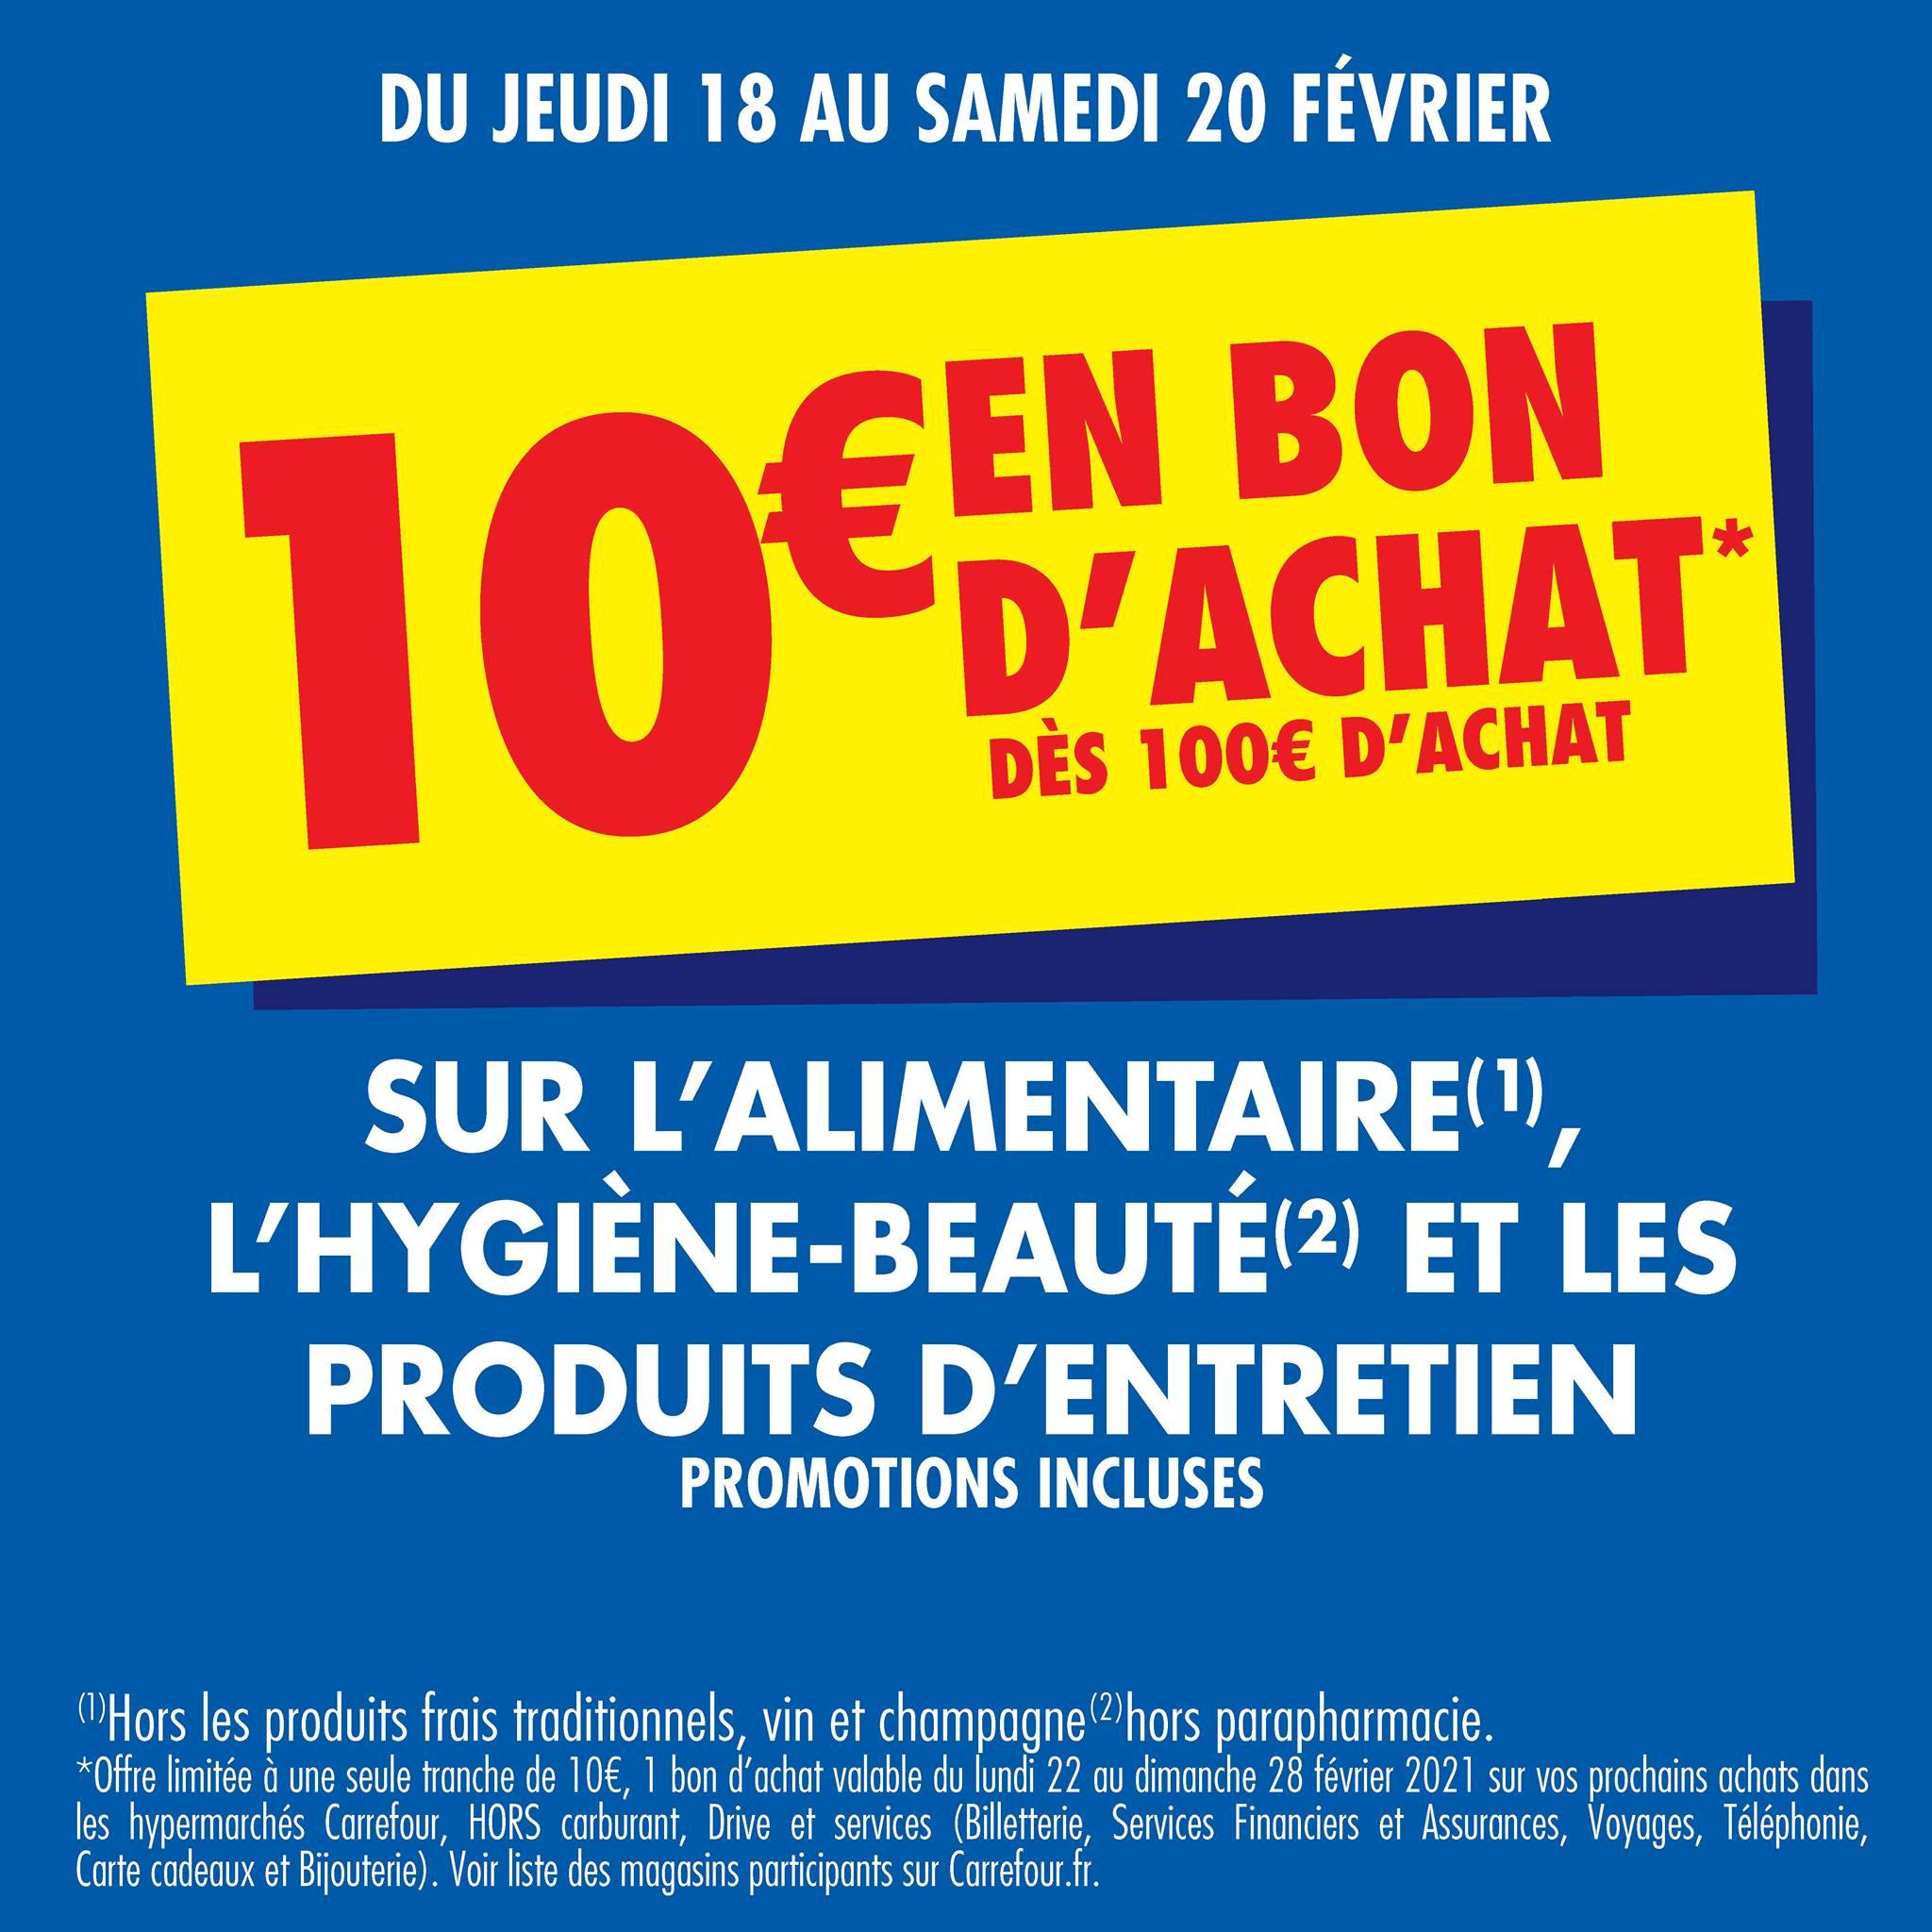 Bon d'achat de 10€ offerts dès 100€ d'achat sur l'Alimentaire, l'Hygiène-Beauté & les Produits d'Entretien